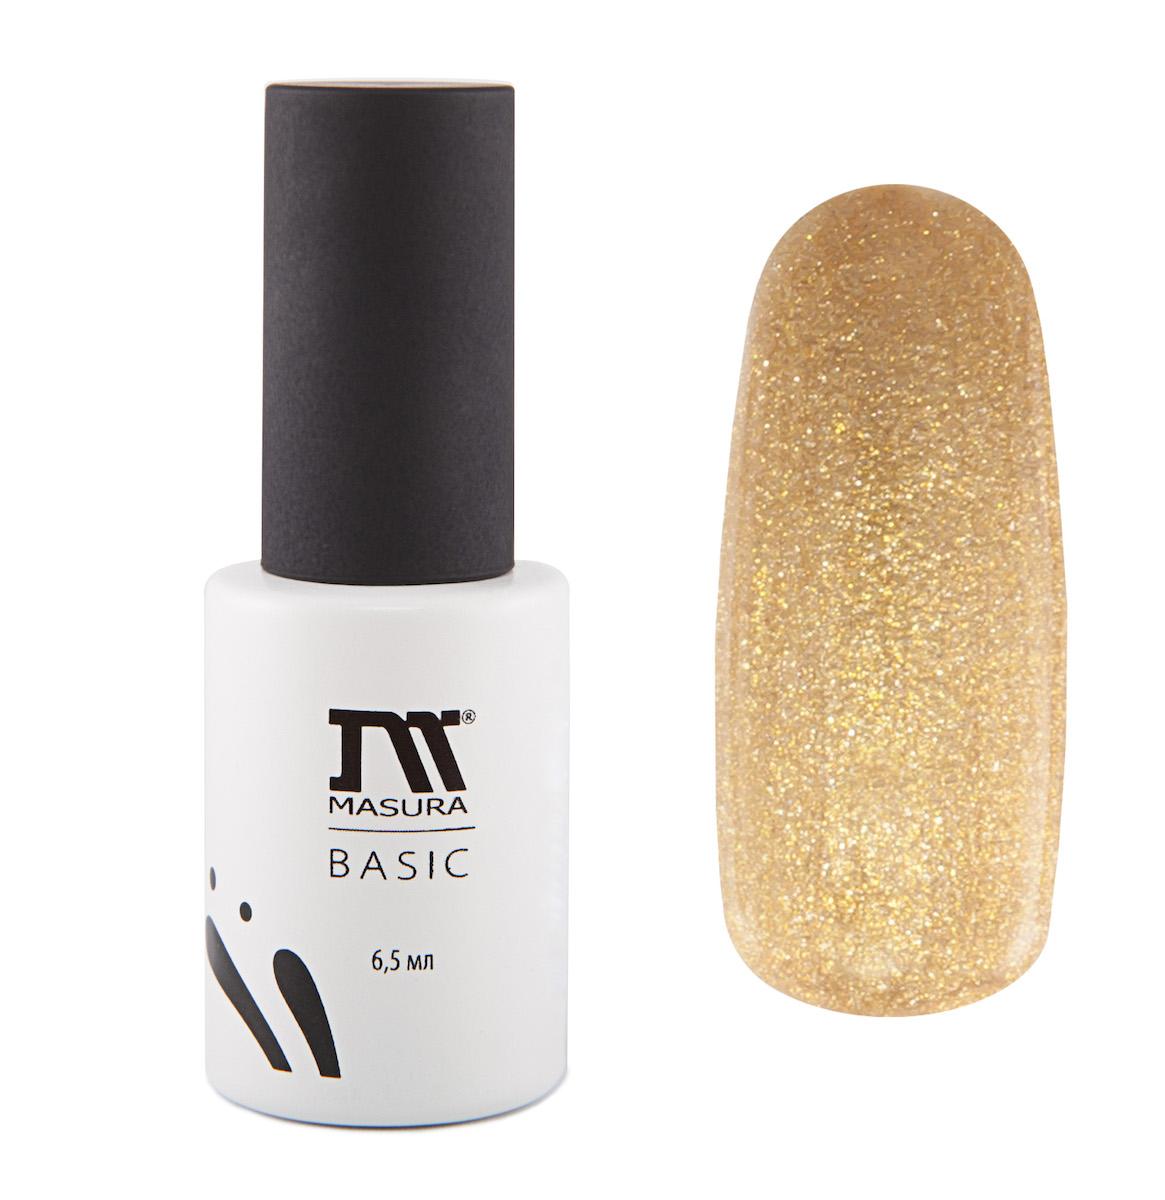 Masura Гель-лаки BASIC Загадка Востока, 6,5 мл294-96Насыщенный золотой, все теплые оттенки золота, плотный